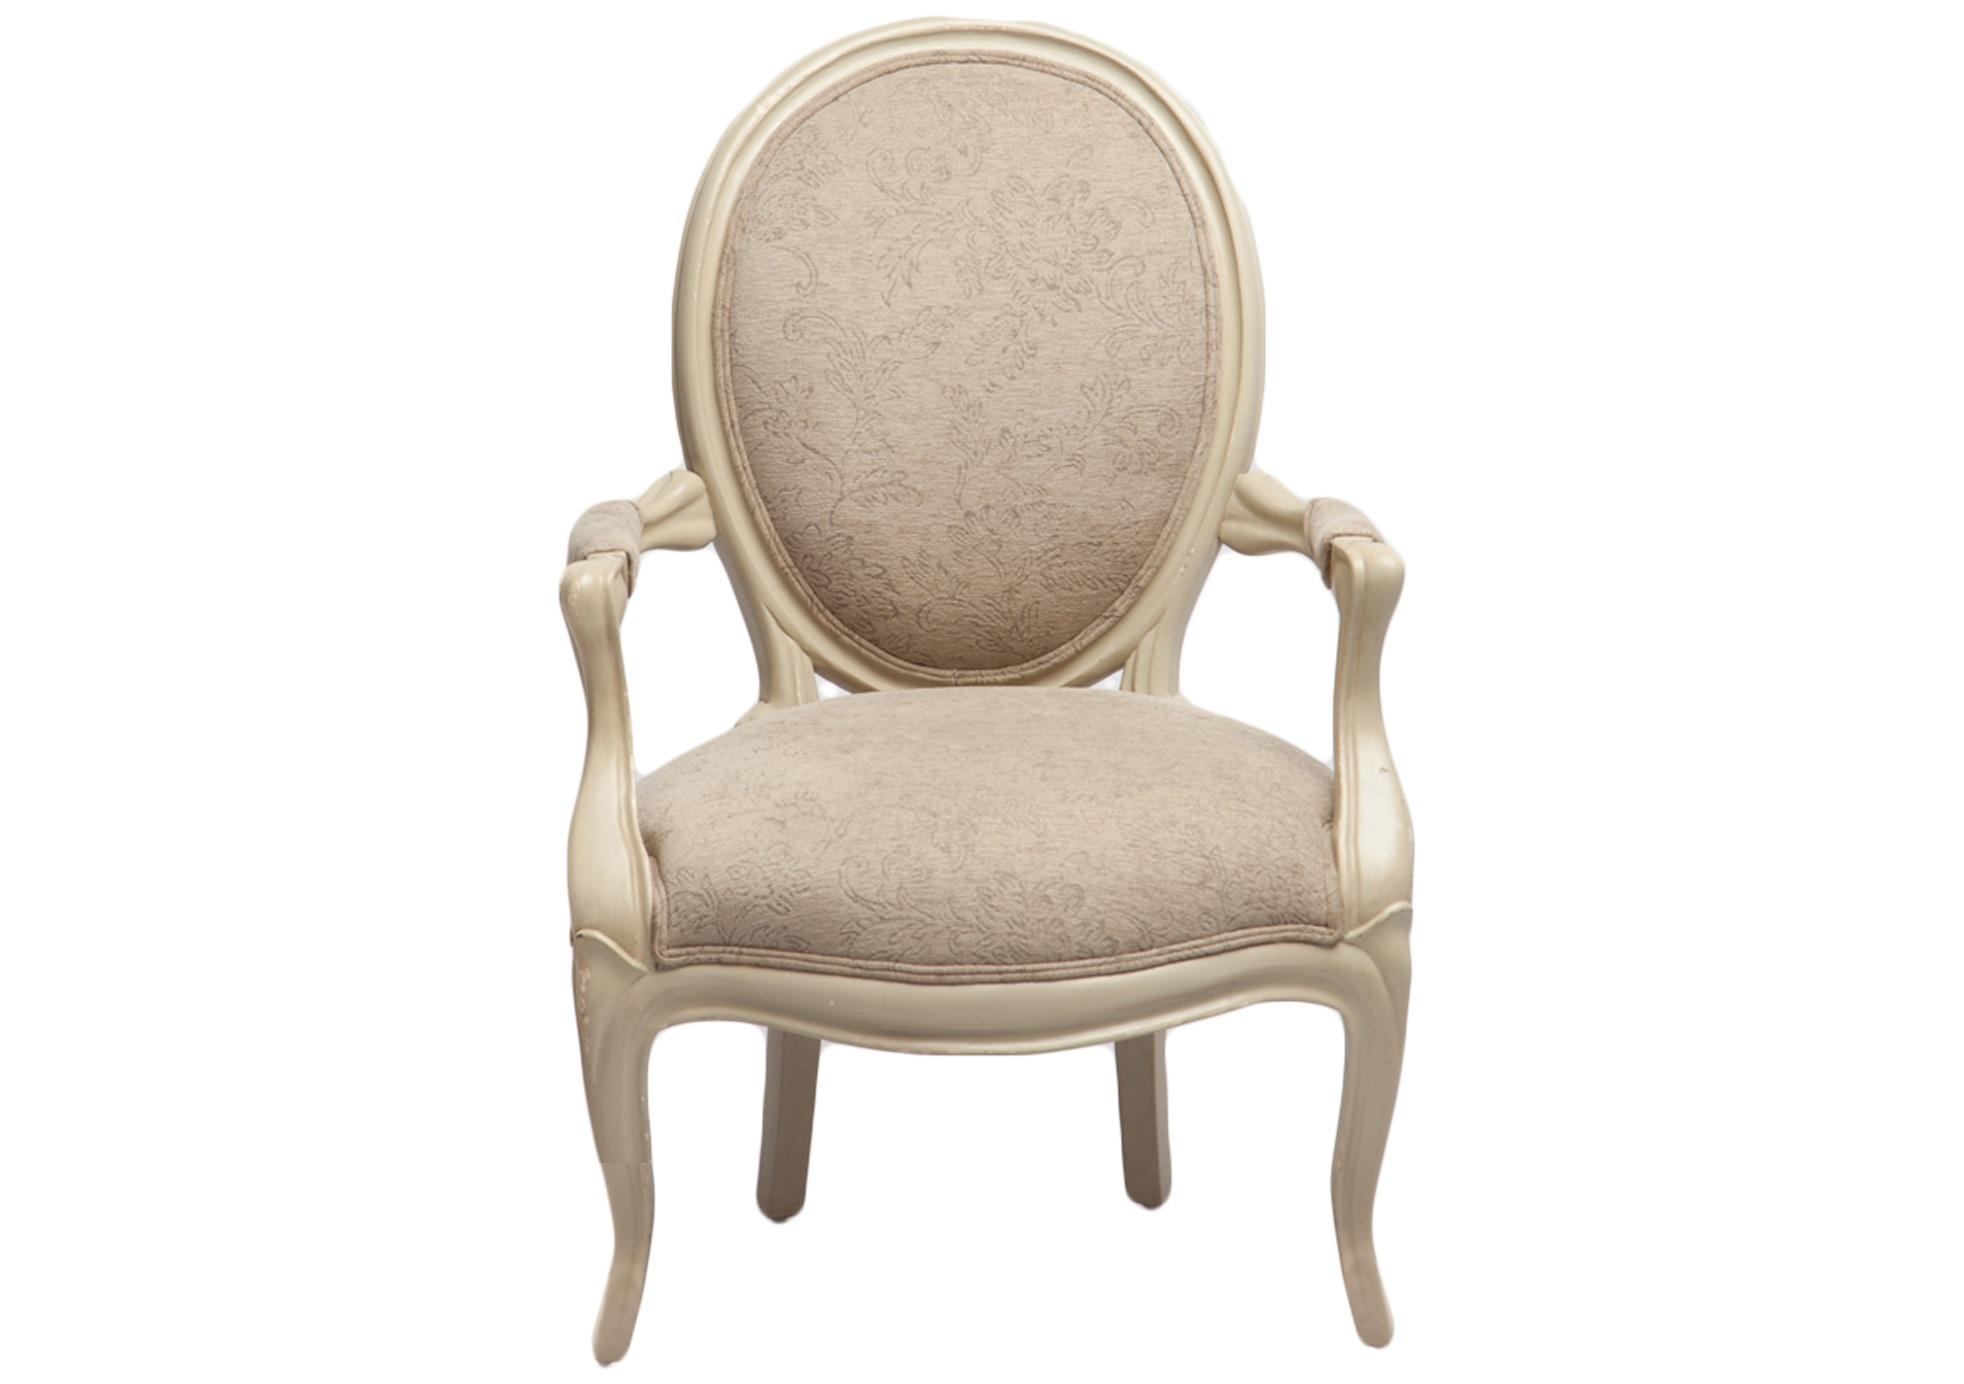 Кресло ФилиппСтулья с подлокотниками<br>Кресло с круглой спинкой-медальон, украшено патиной и старением. Обивка с растительным узором.&amp;lt;div&amp;gt;&amp;lt;br&amp;gt;&amp;lt;/div&amp;gt;&amp;lt;div&amp;gt;Материал: махагони&amp;lt;br&amp;gt;&amp;lt;/div&amp;gt;<br><br>Material: Текстиль<br>Width см: 70<br>Depth см: 66<br>Height см: 92